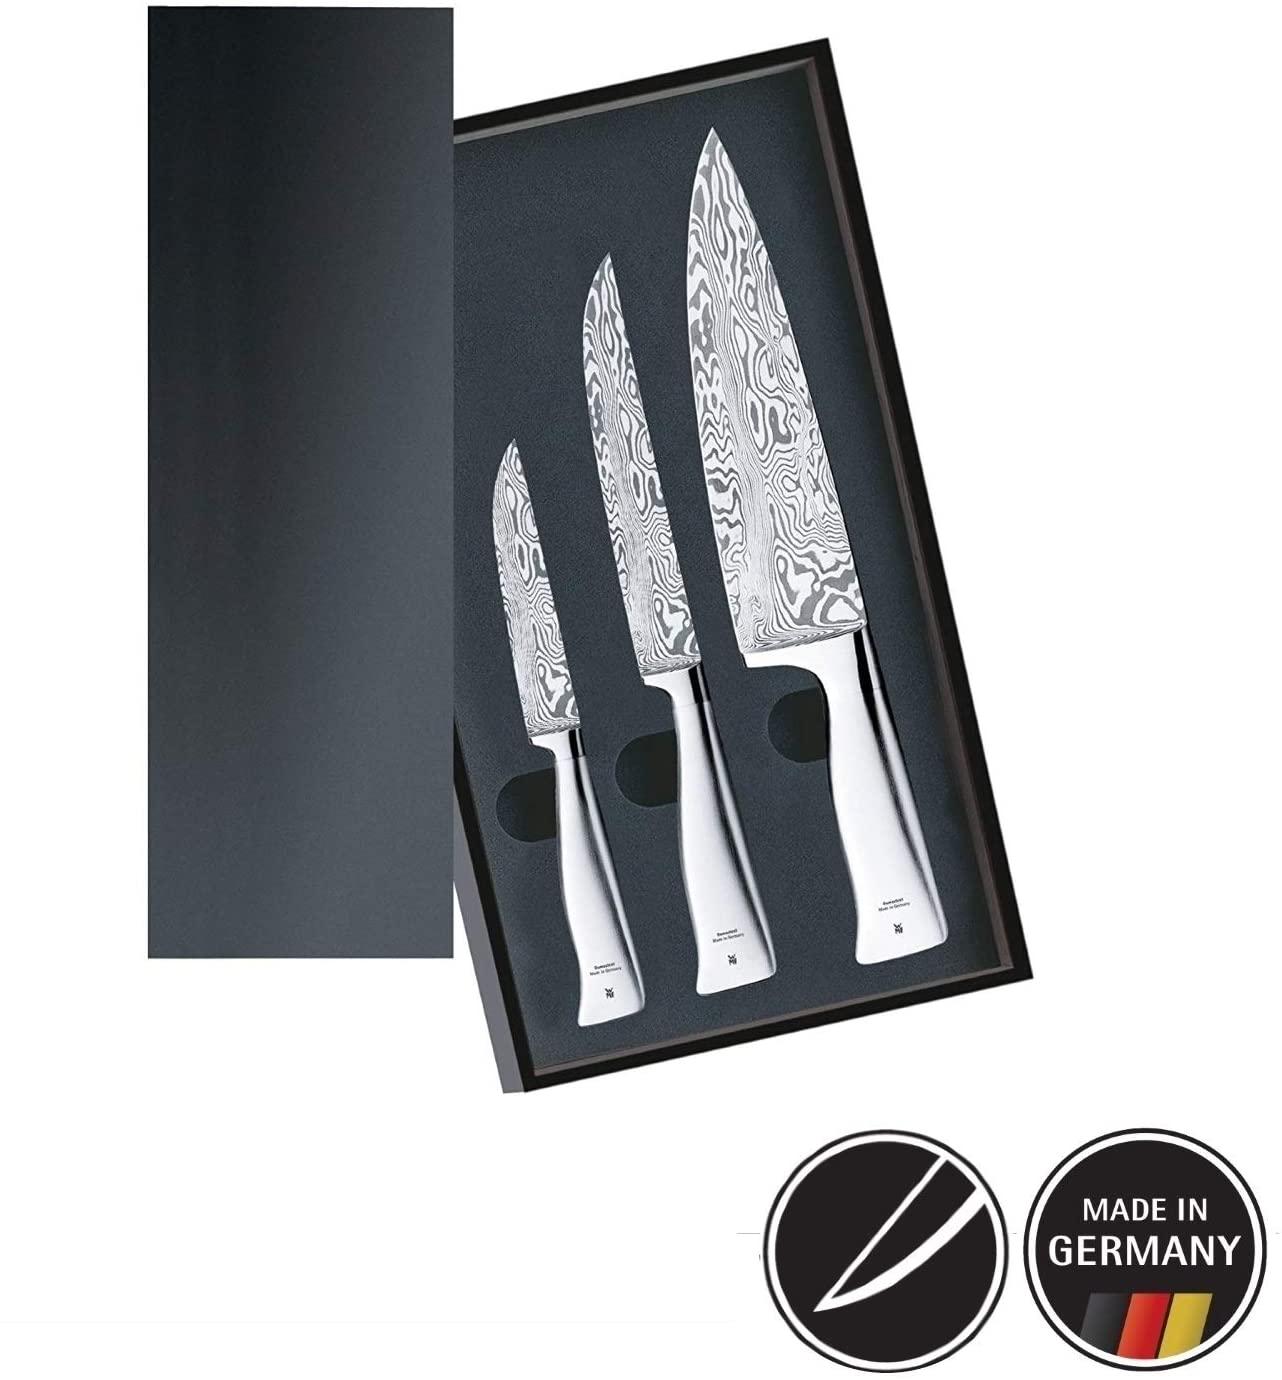 Set kuchyňských nožů Damasteel 3 ks - WMF